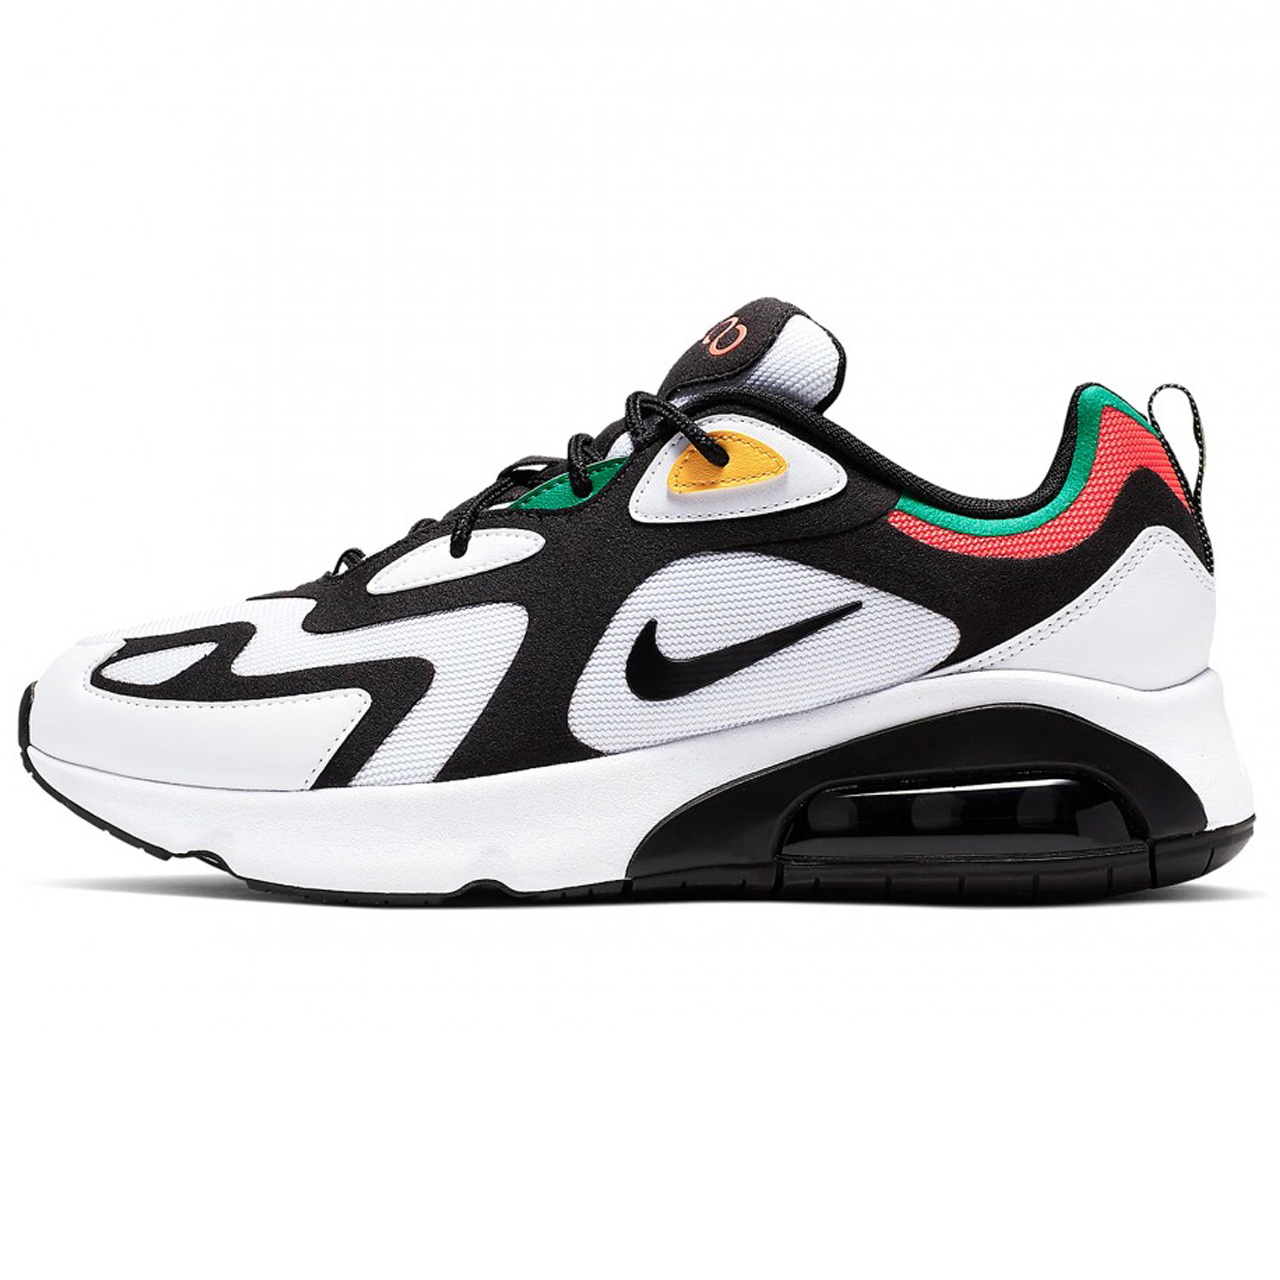 کفش مخصوص دویدن مردانه نایکی مدل AIR Max 200 کد 8765-098